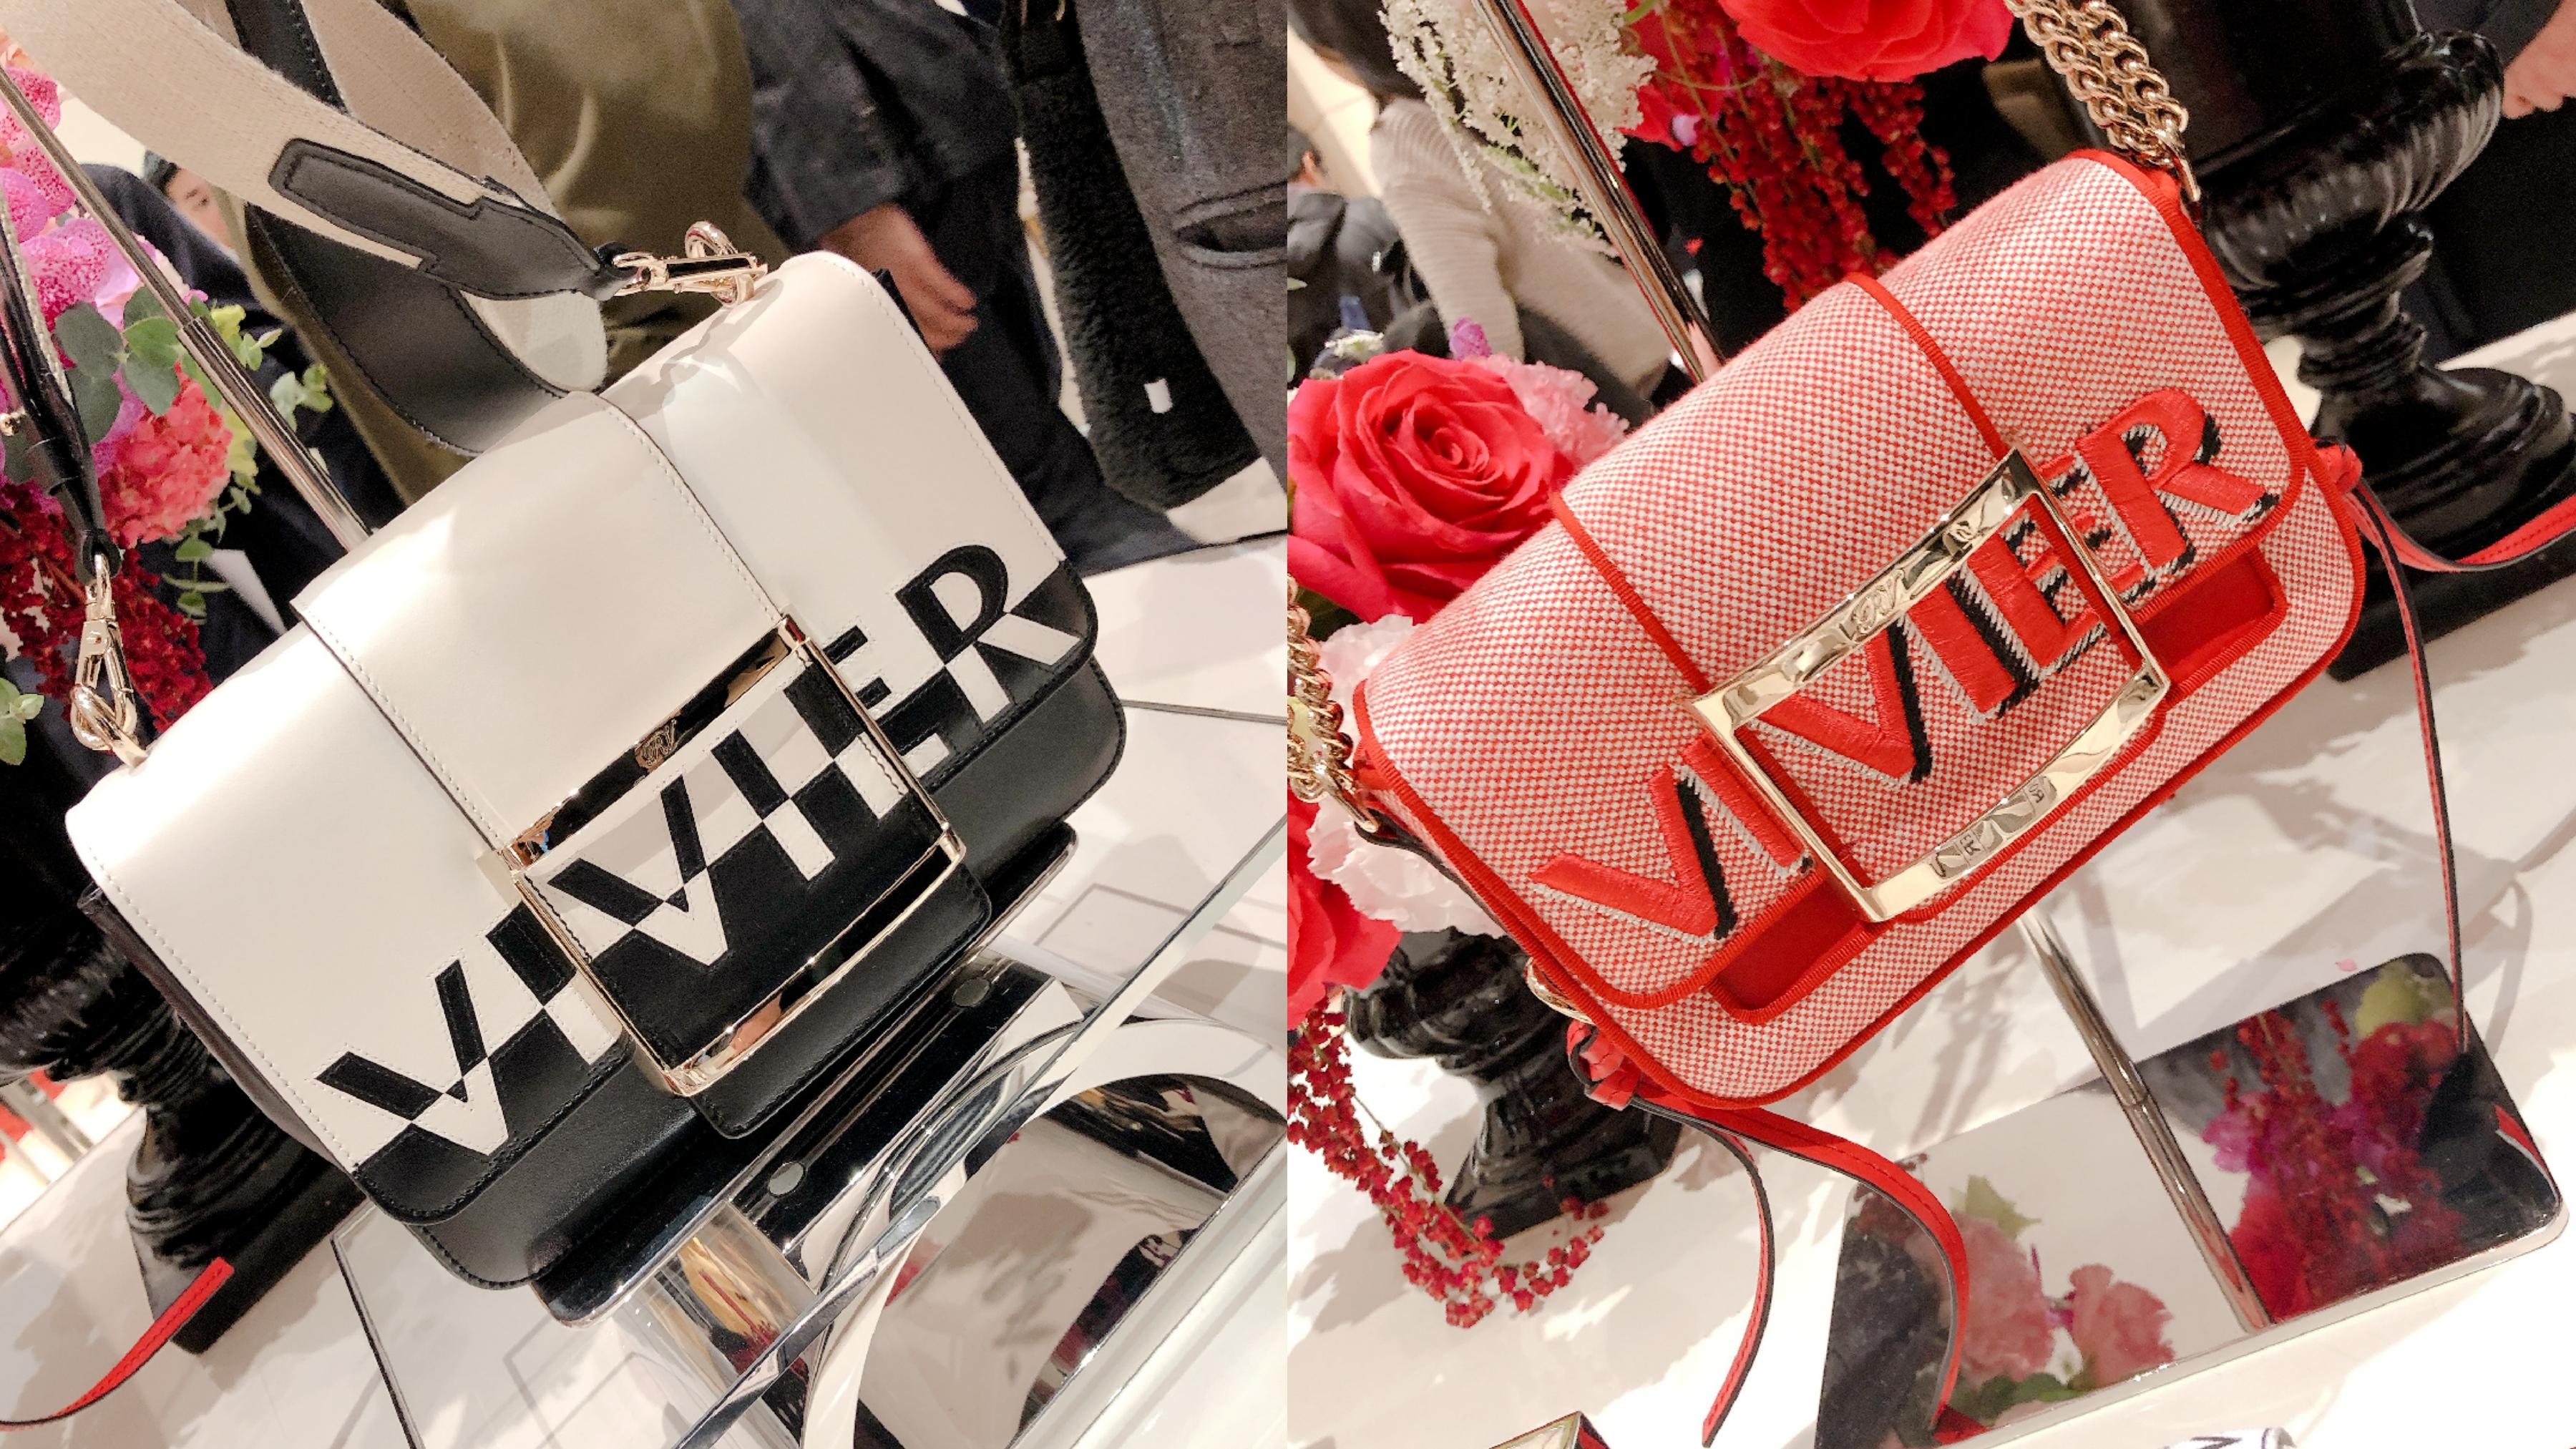 以手工刺繡工藝將品牌字樣大膽呈現於鞋包上